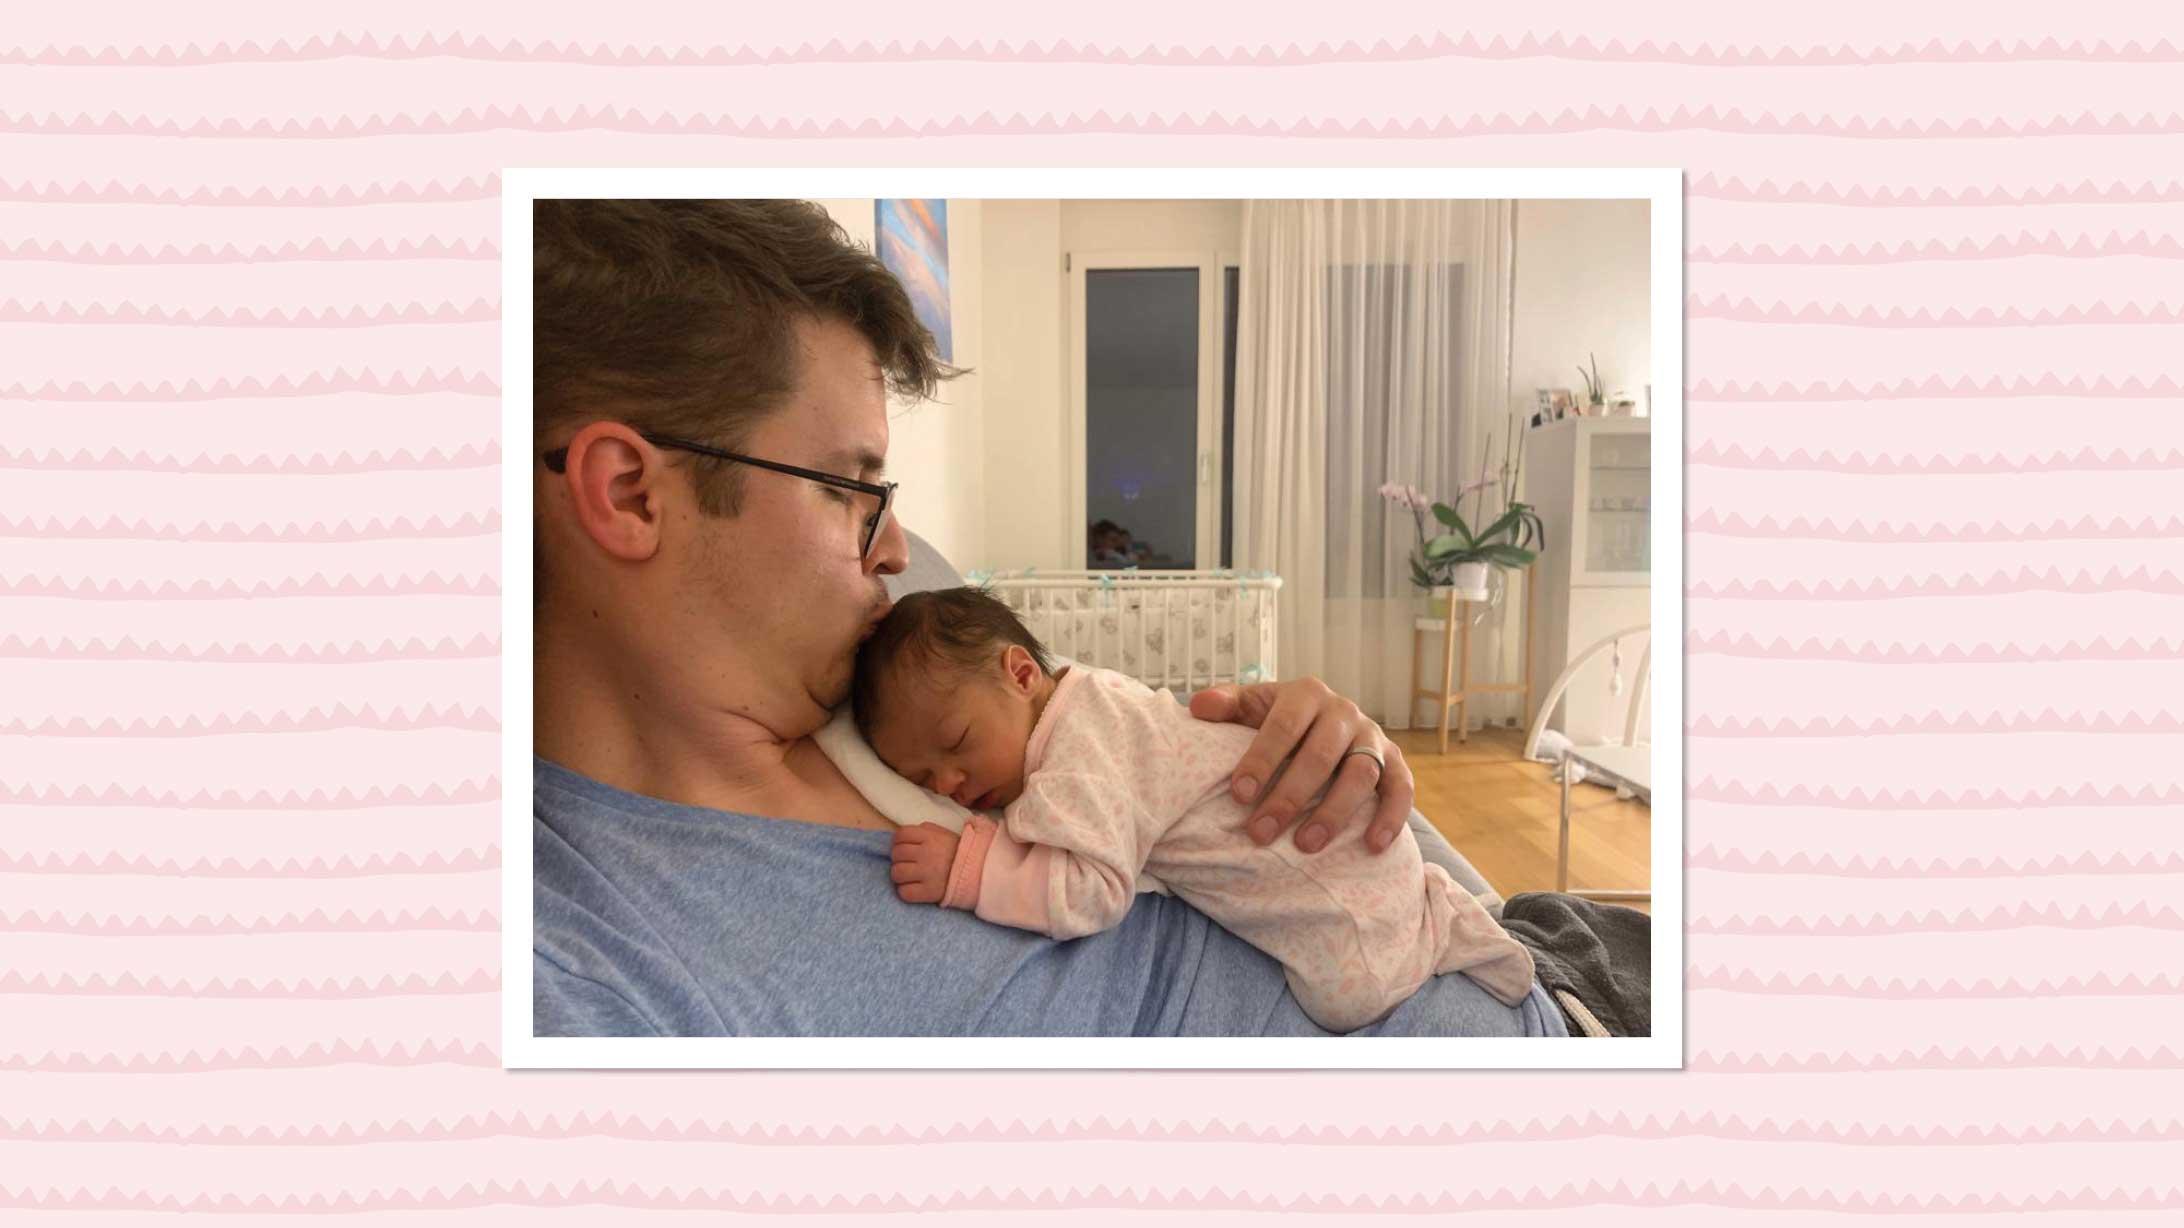 Ein junger Vater hält seine neugeborene Tochter auf der Brust.